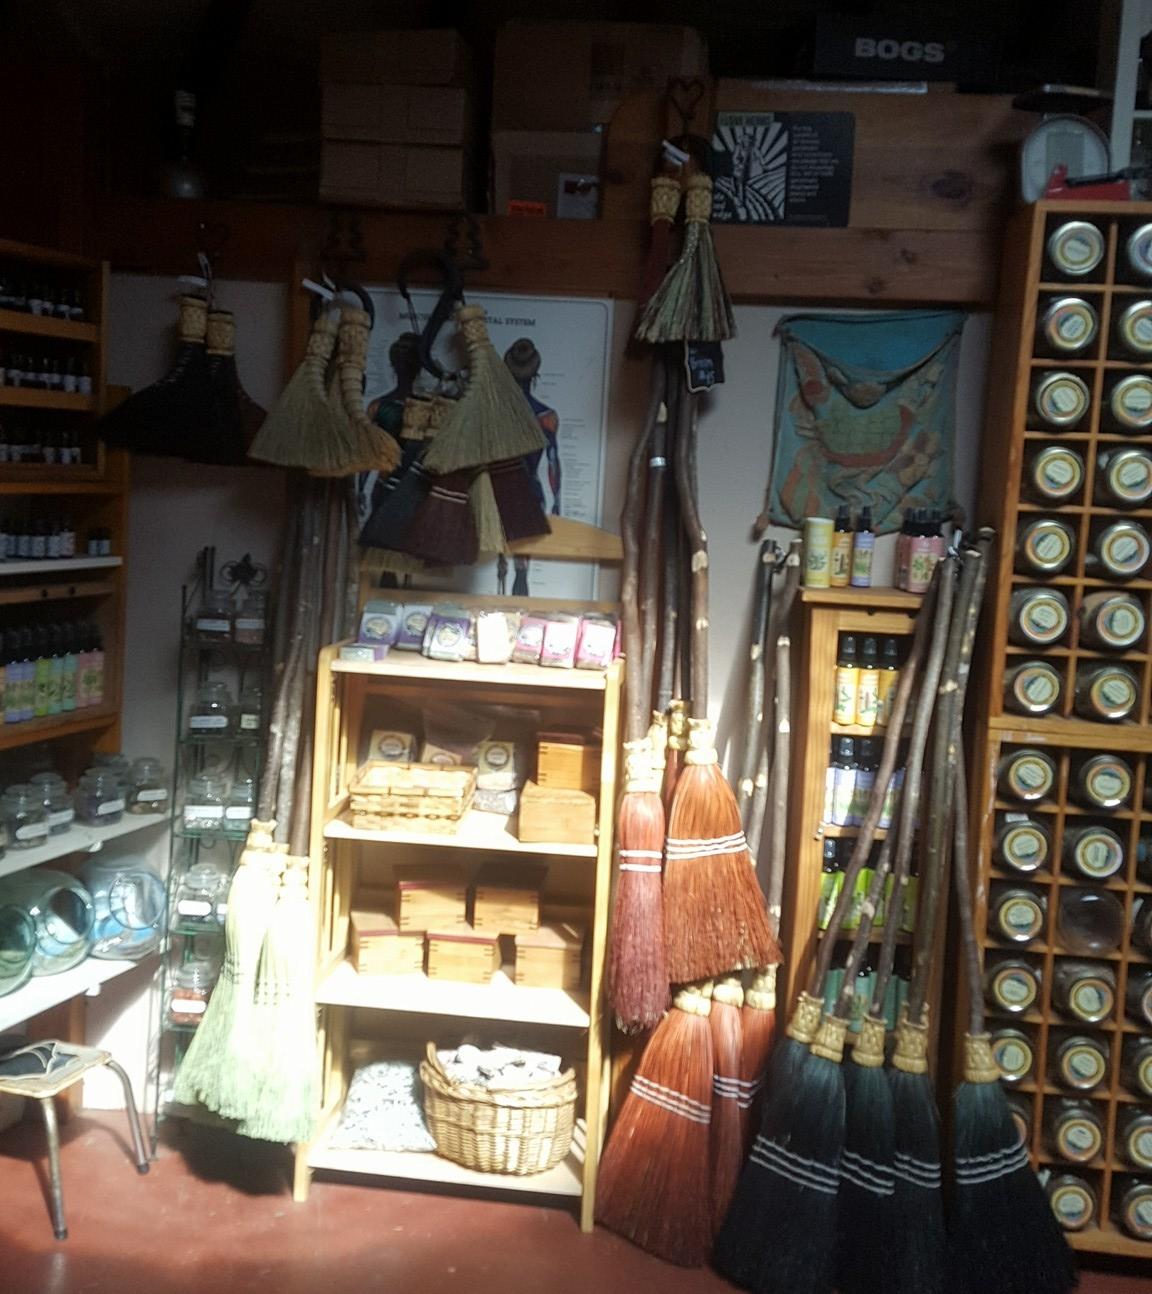 Denise Joy - Dried herbs, teas, tinctures, elixers and oilshttps://www.mountainspiritherbals.com/